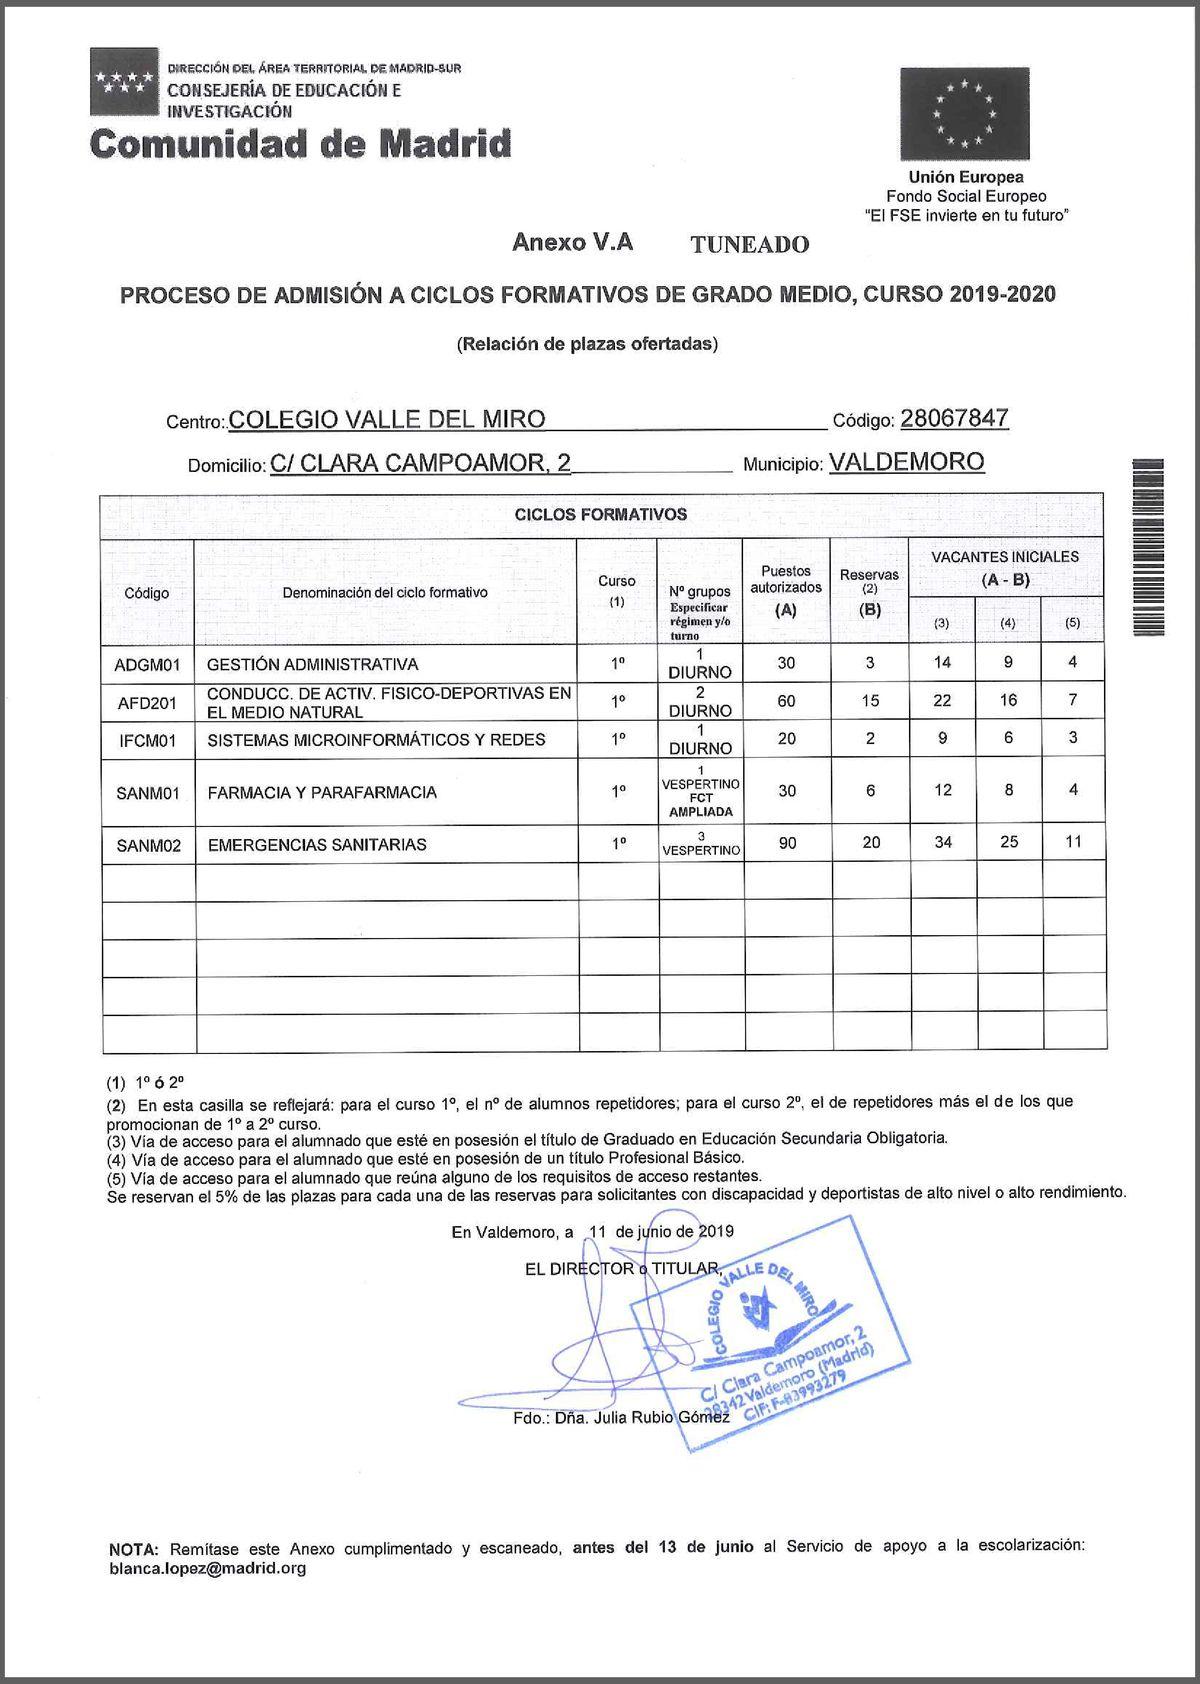 CFGM Anexo V-A - tuneado Vacantes